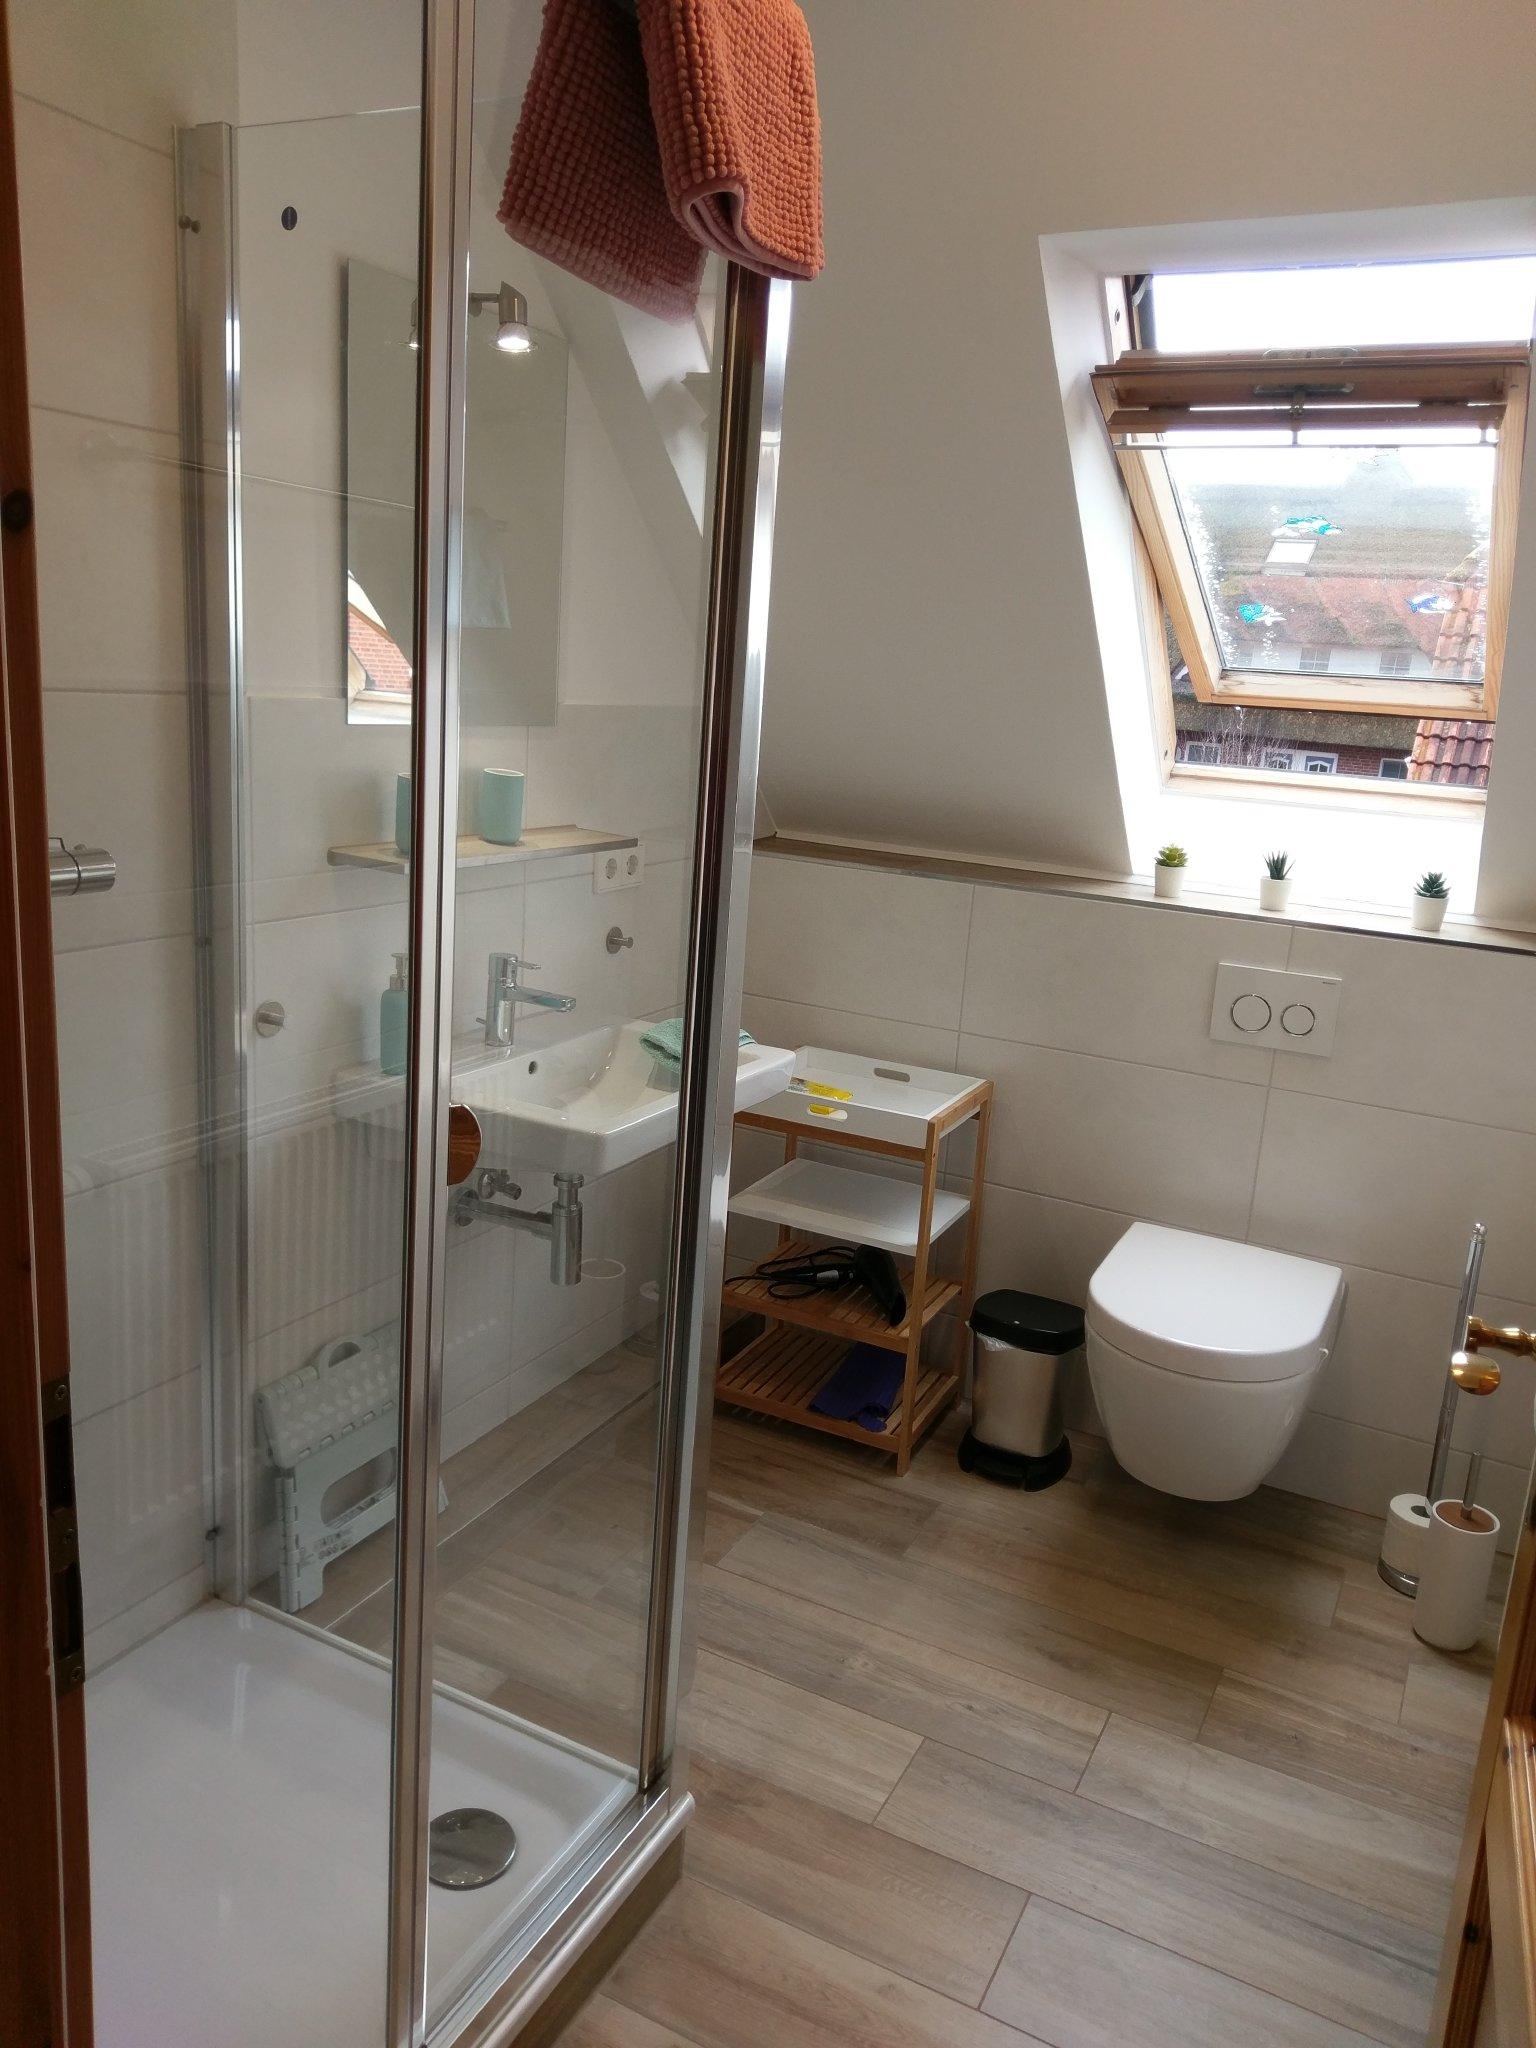 Duschbad und WC oben